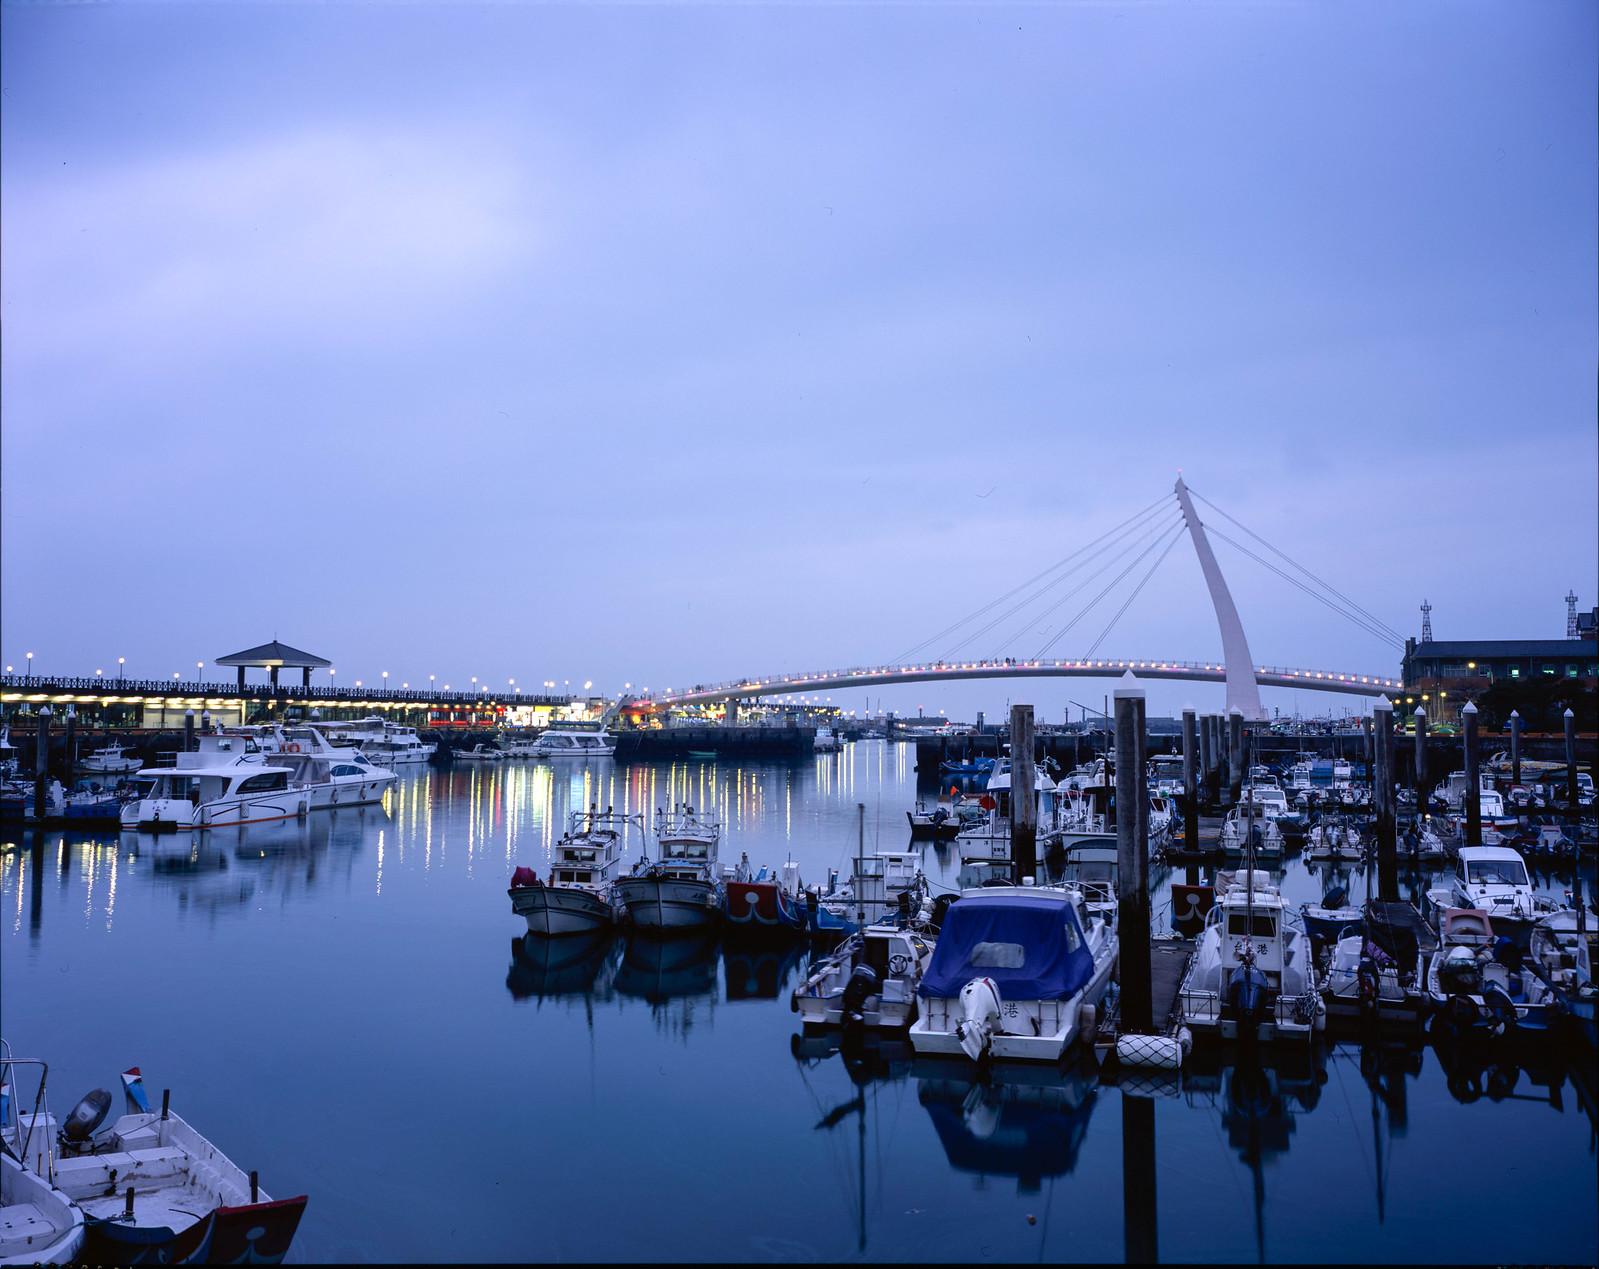 漁人碼頭 4 X 5 相機 (一張流)